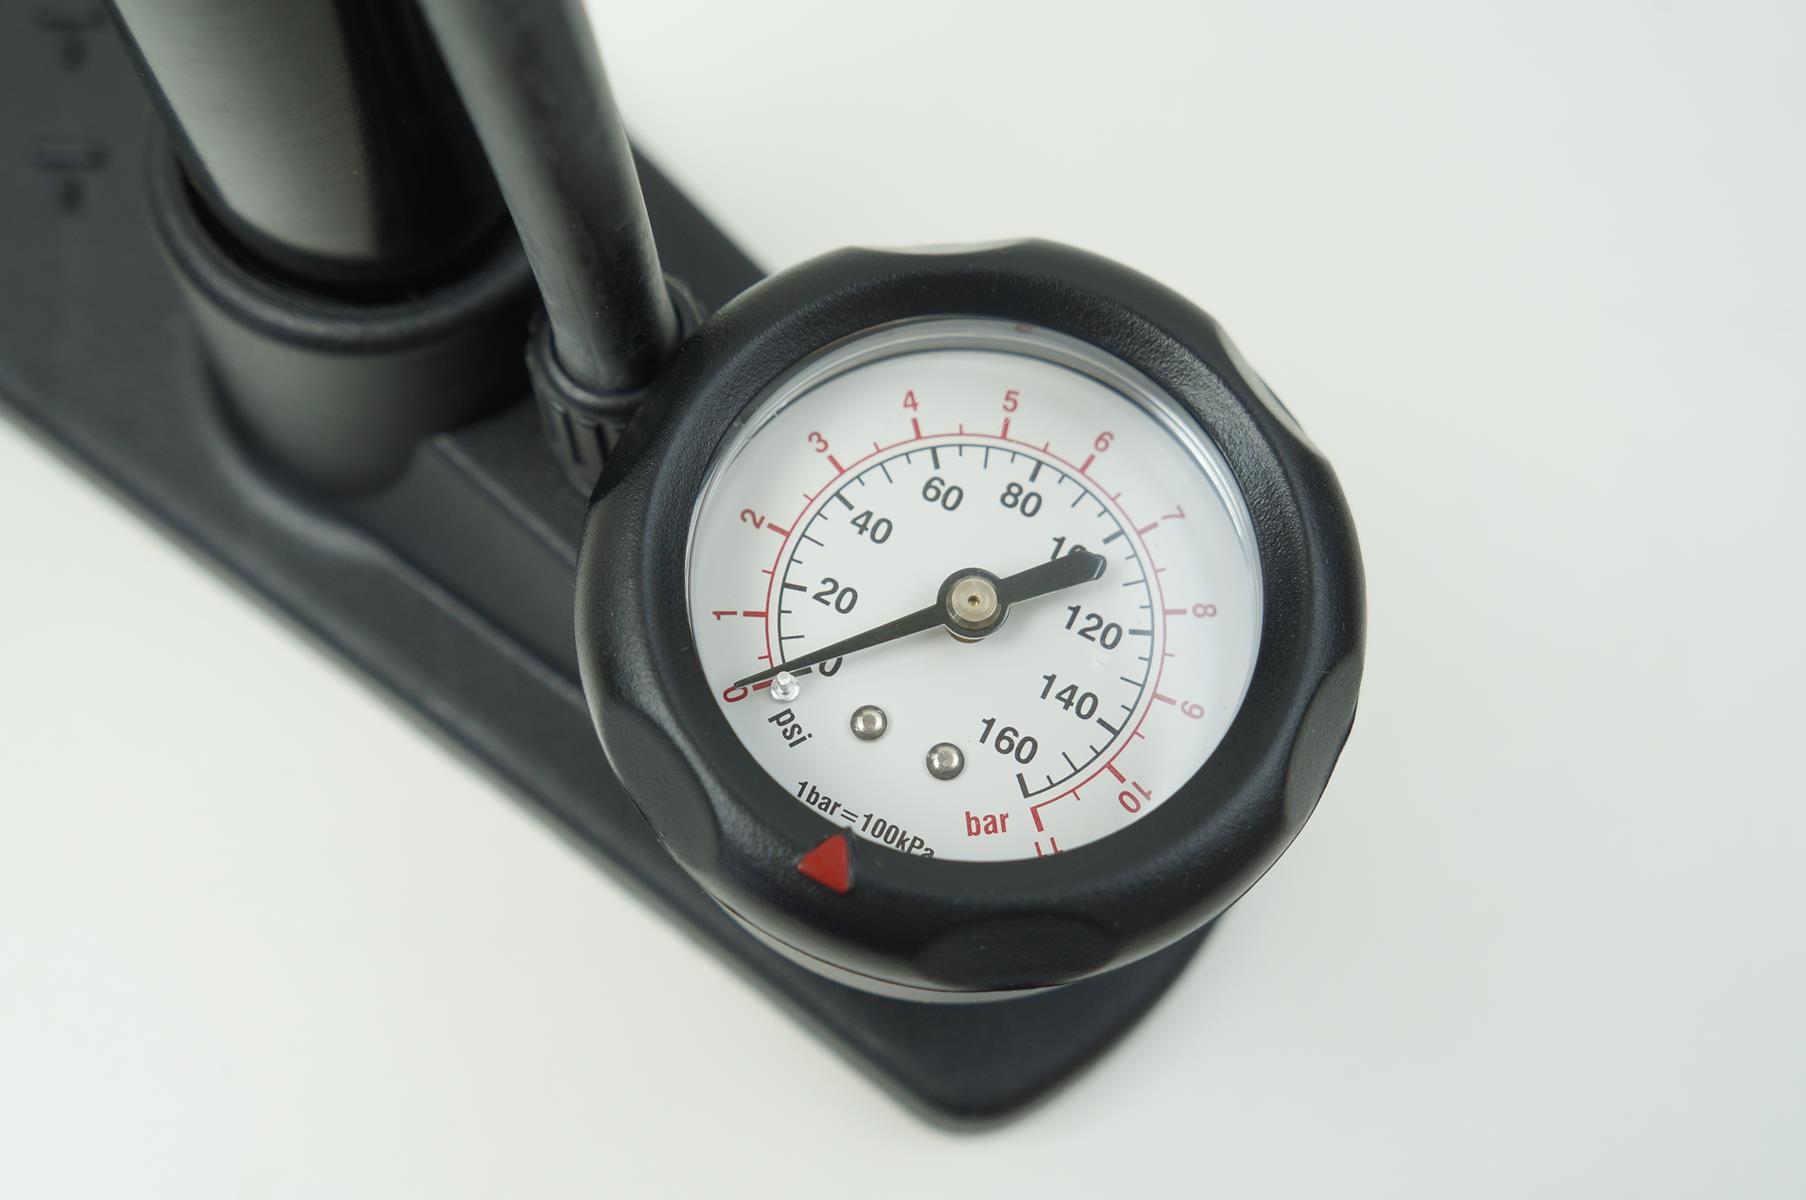 Bomba de Pé para bicicletas Giyo GF03 em Aluminio Com Manômetro 160psi